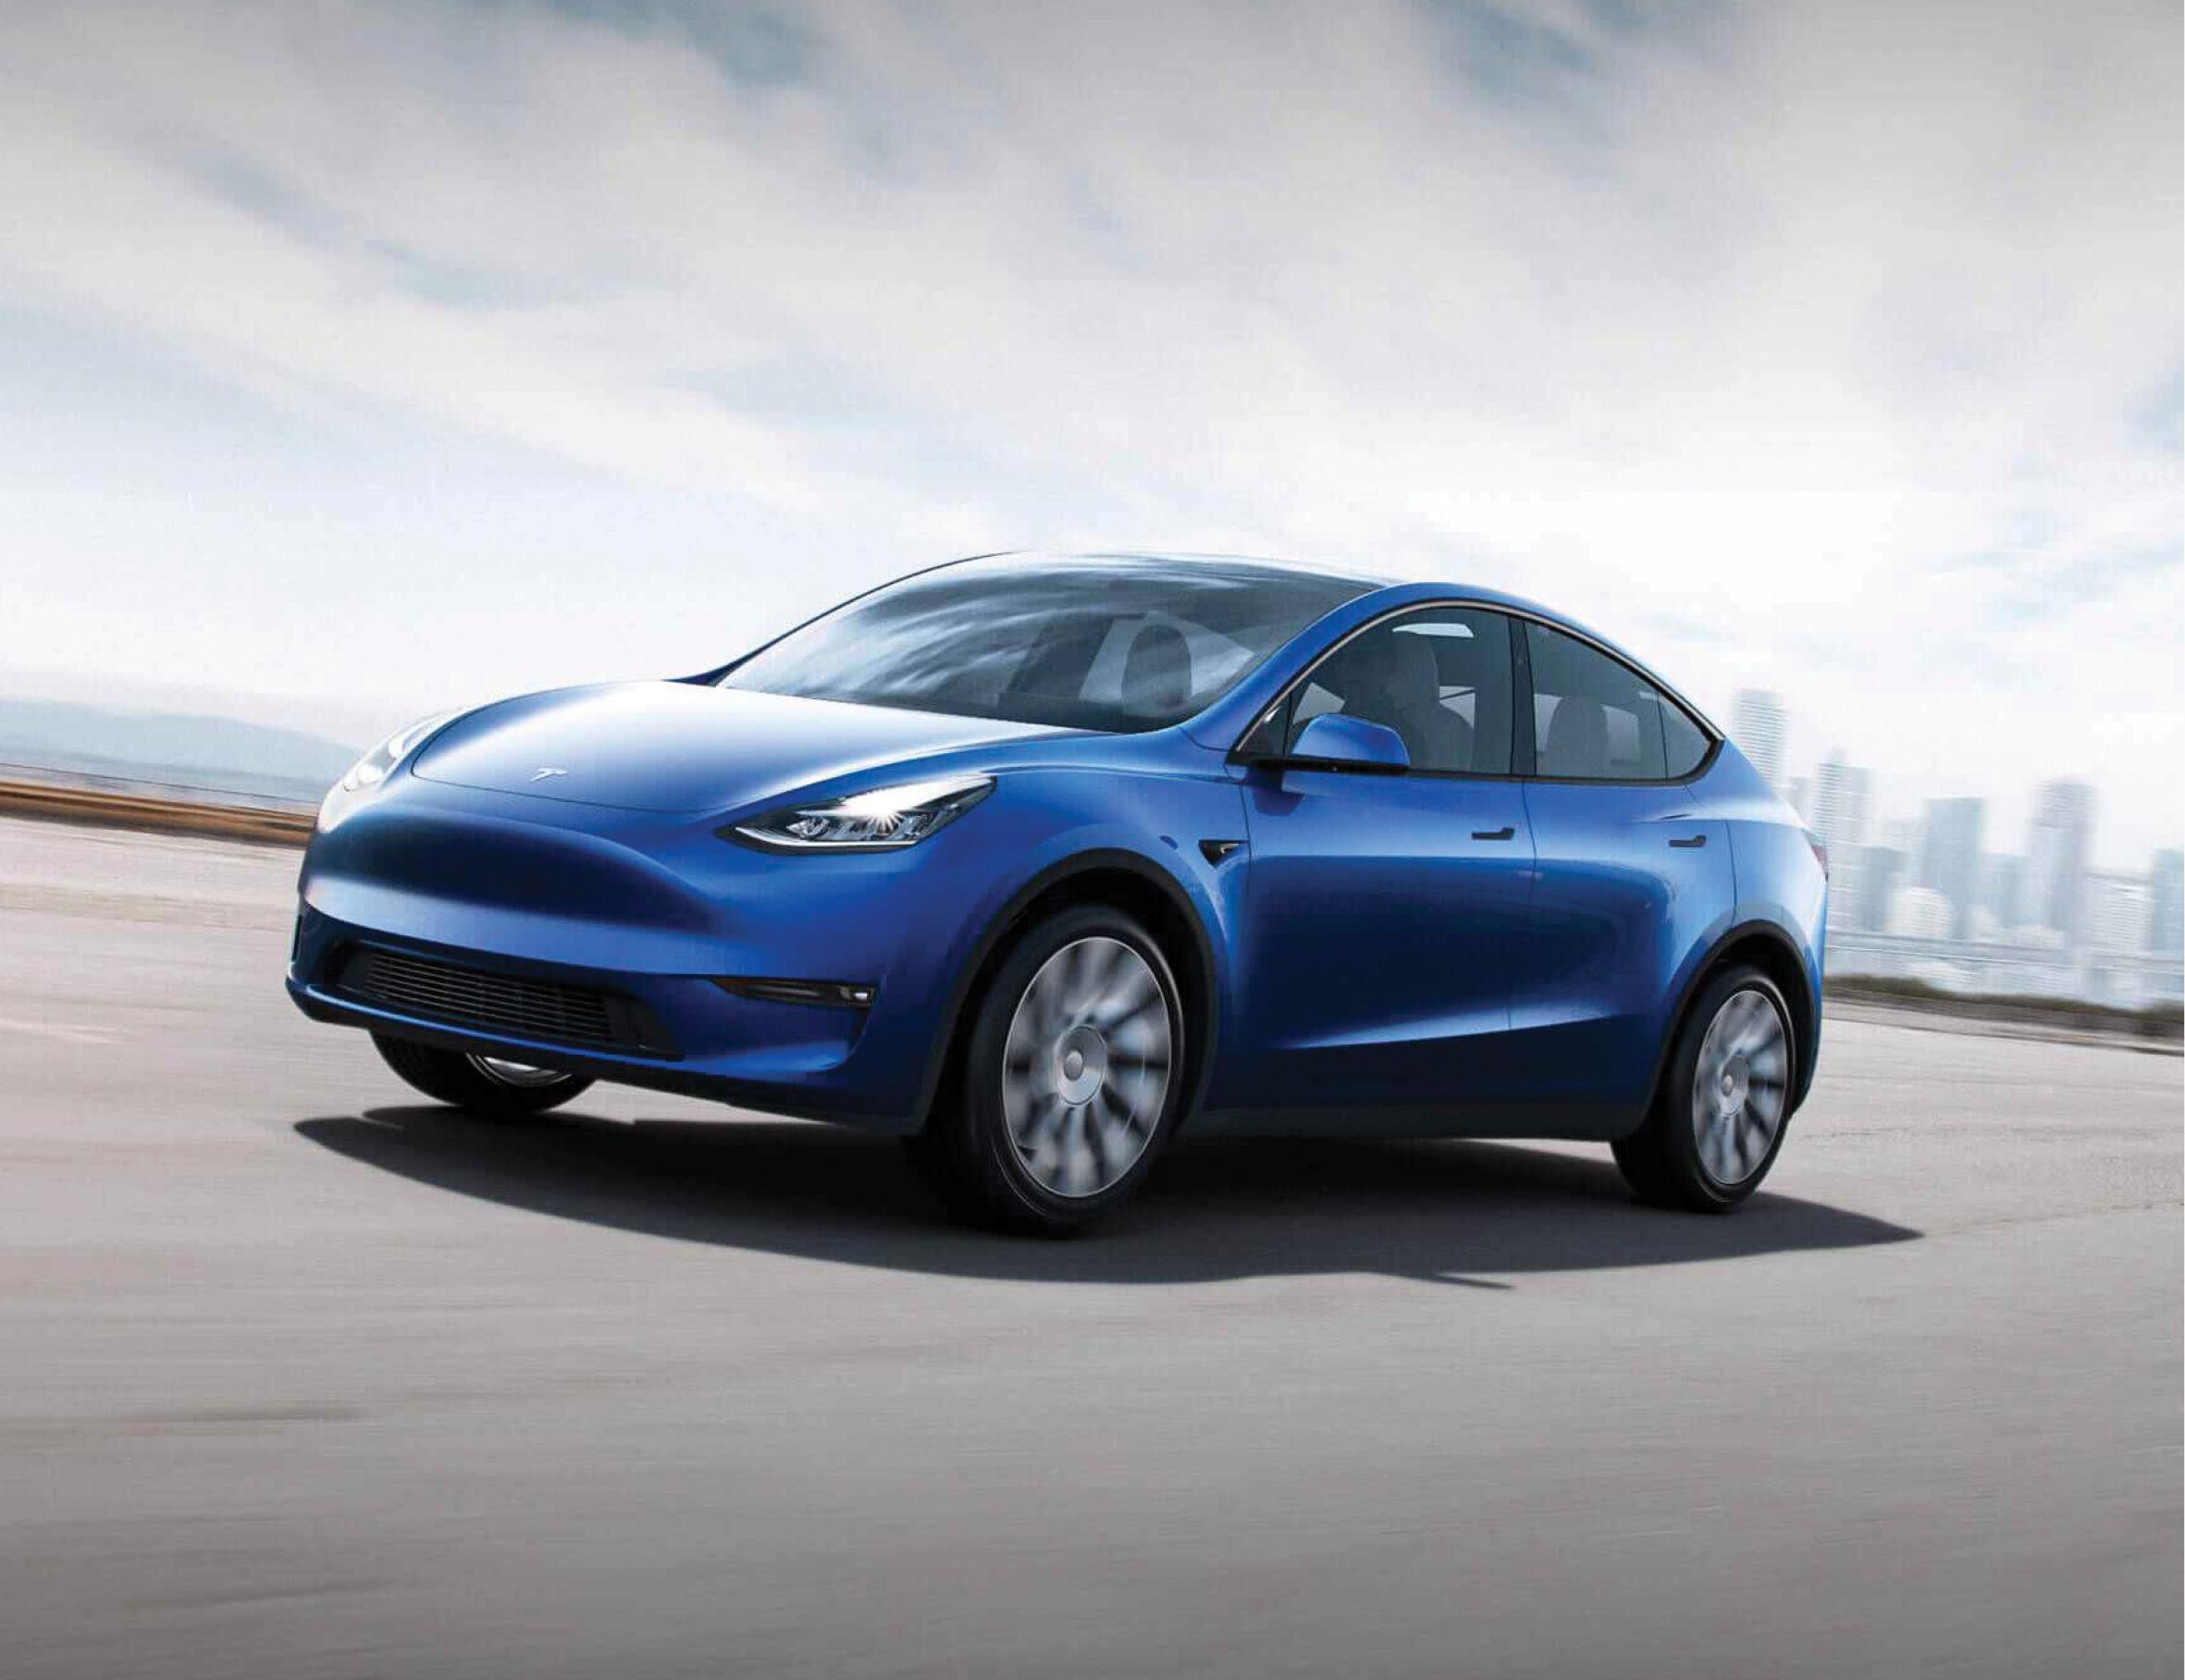 O Model Y, SUV que é a grande aposta da Tesla, começa em US$ 45 mil nos EUA – o dobro de um Jeep Compass por lá.